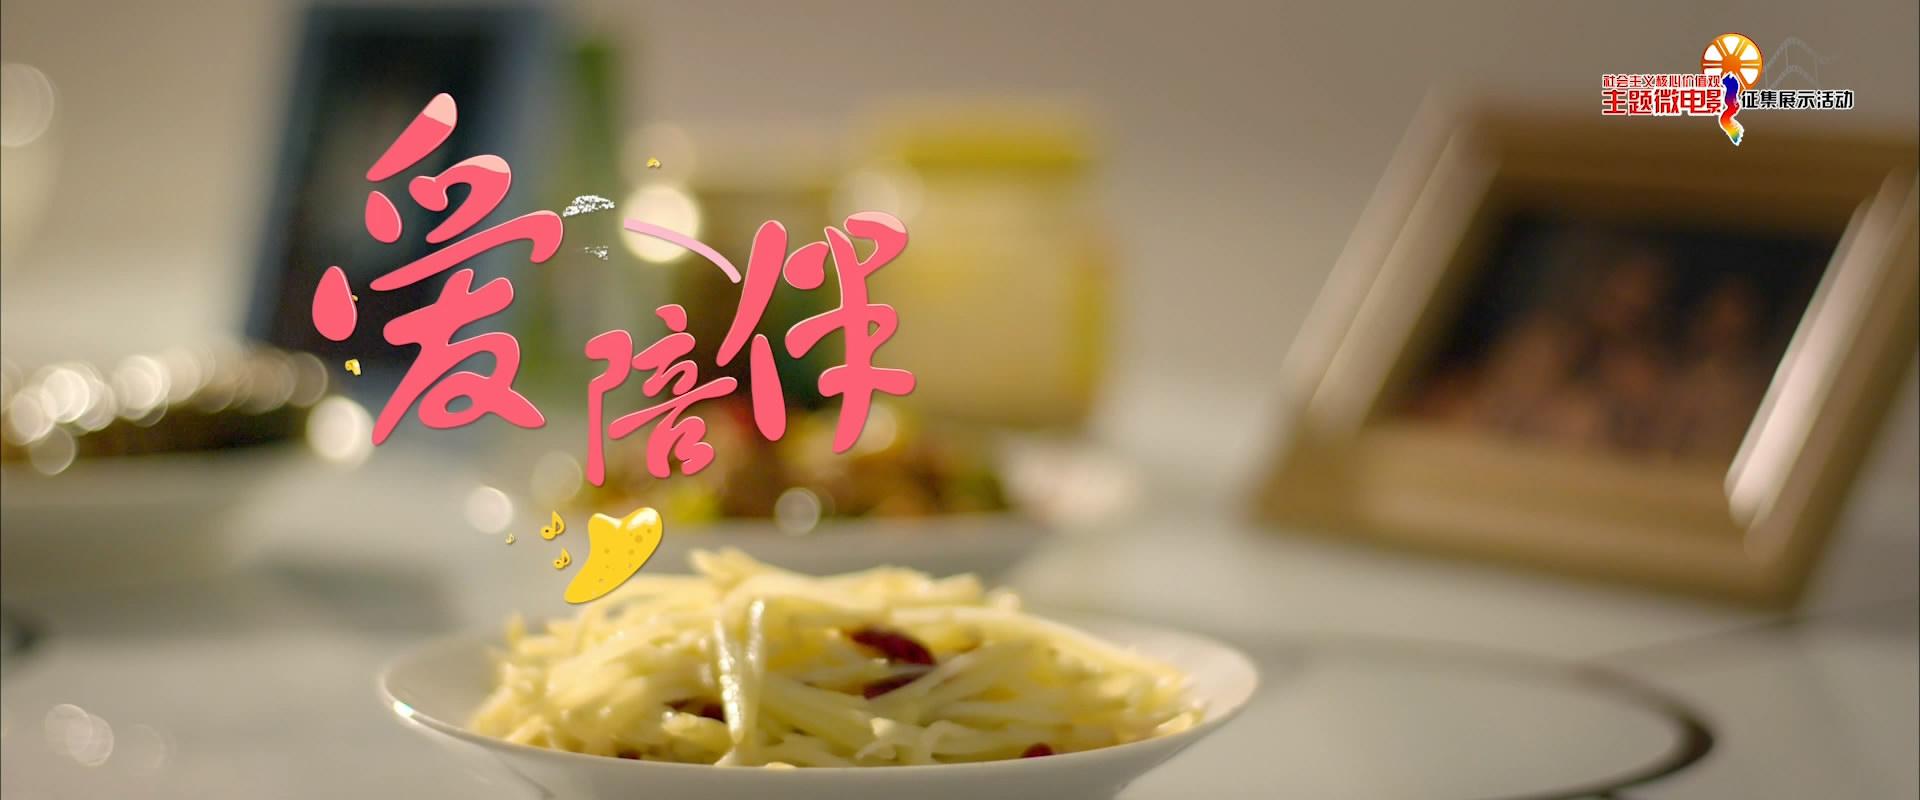 爱陪伴(江苏)[00_00_38][20200103-091941-7].JPG